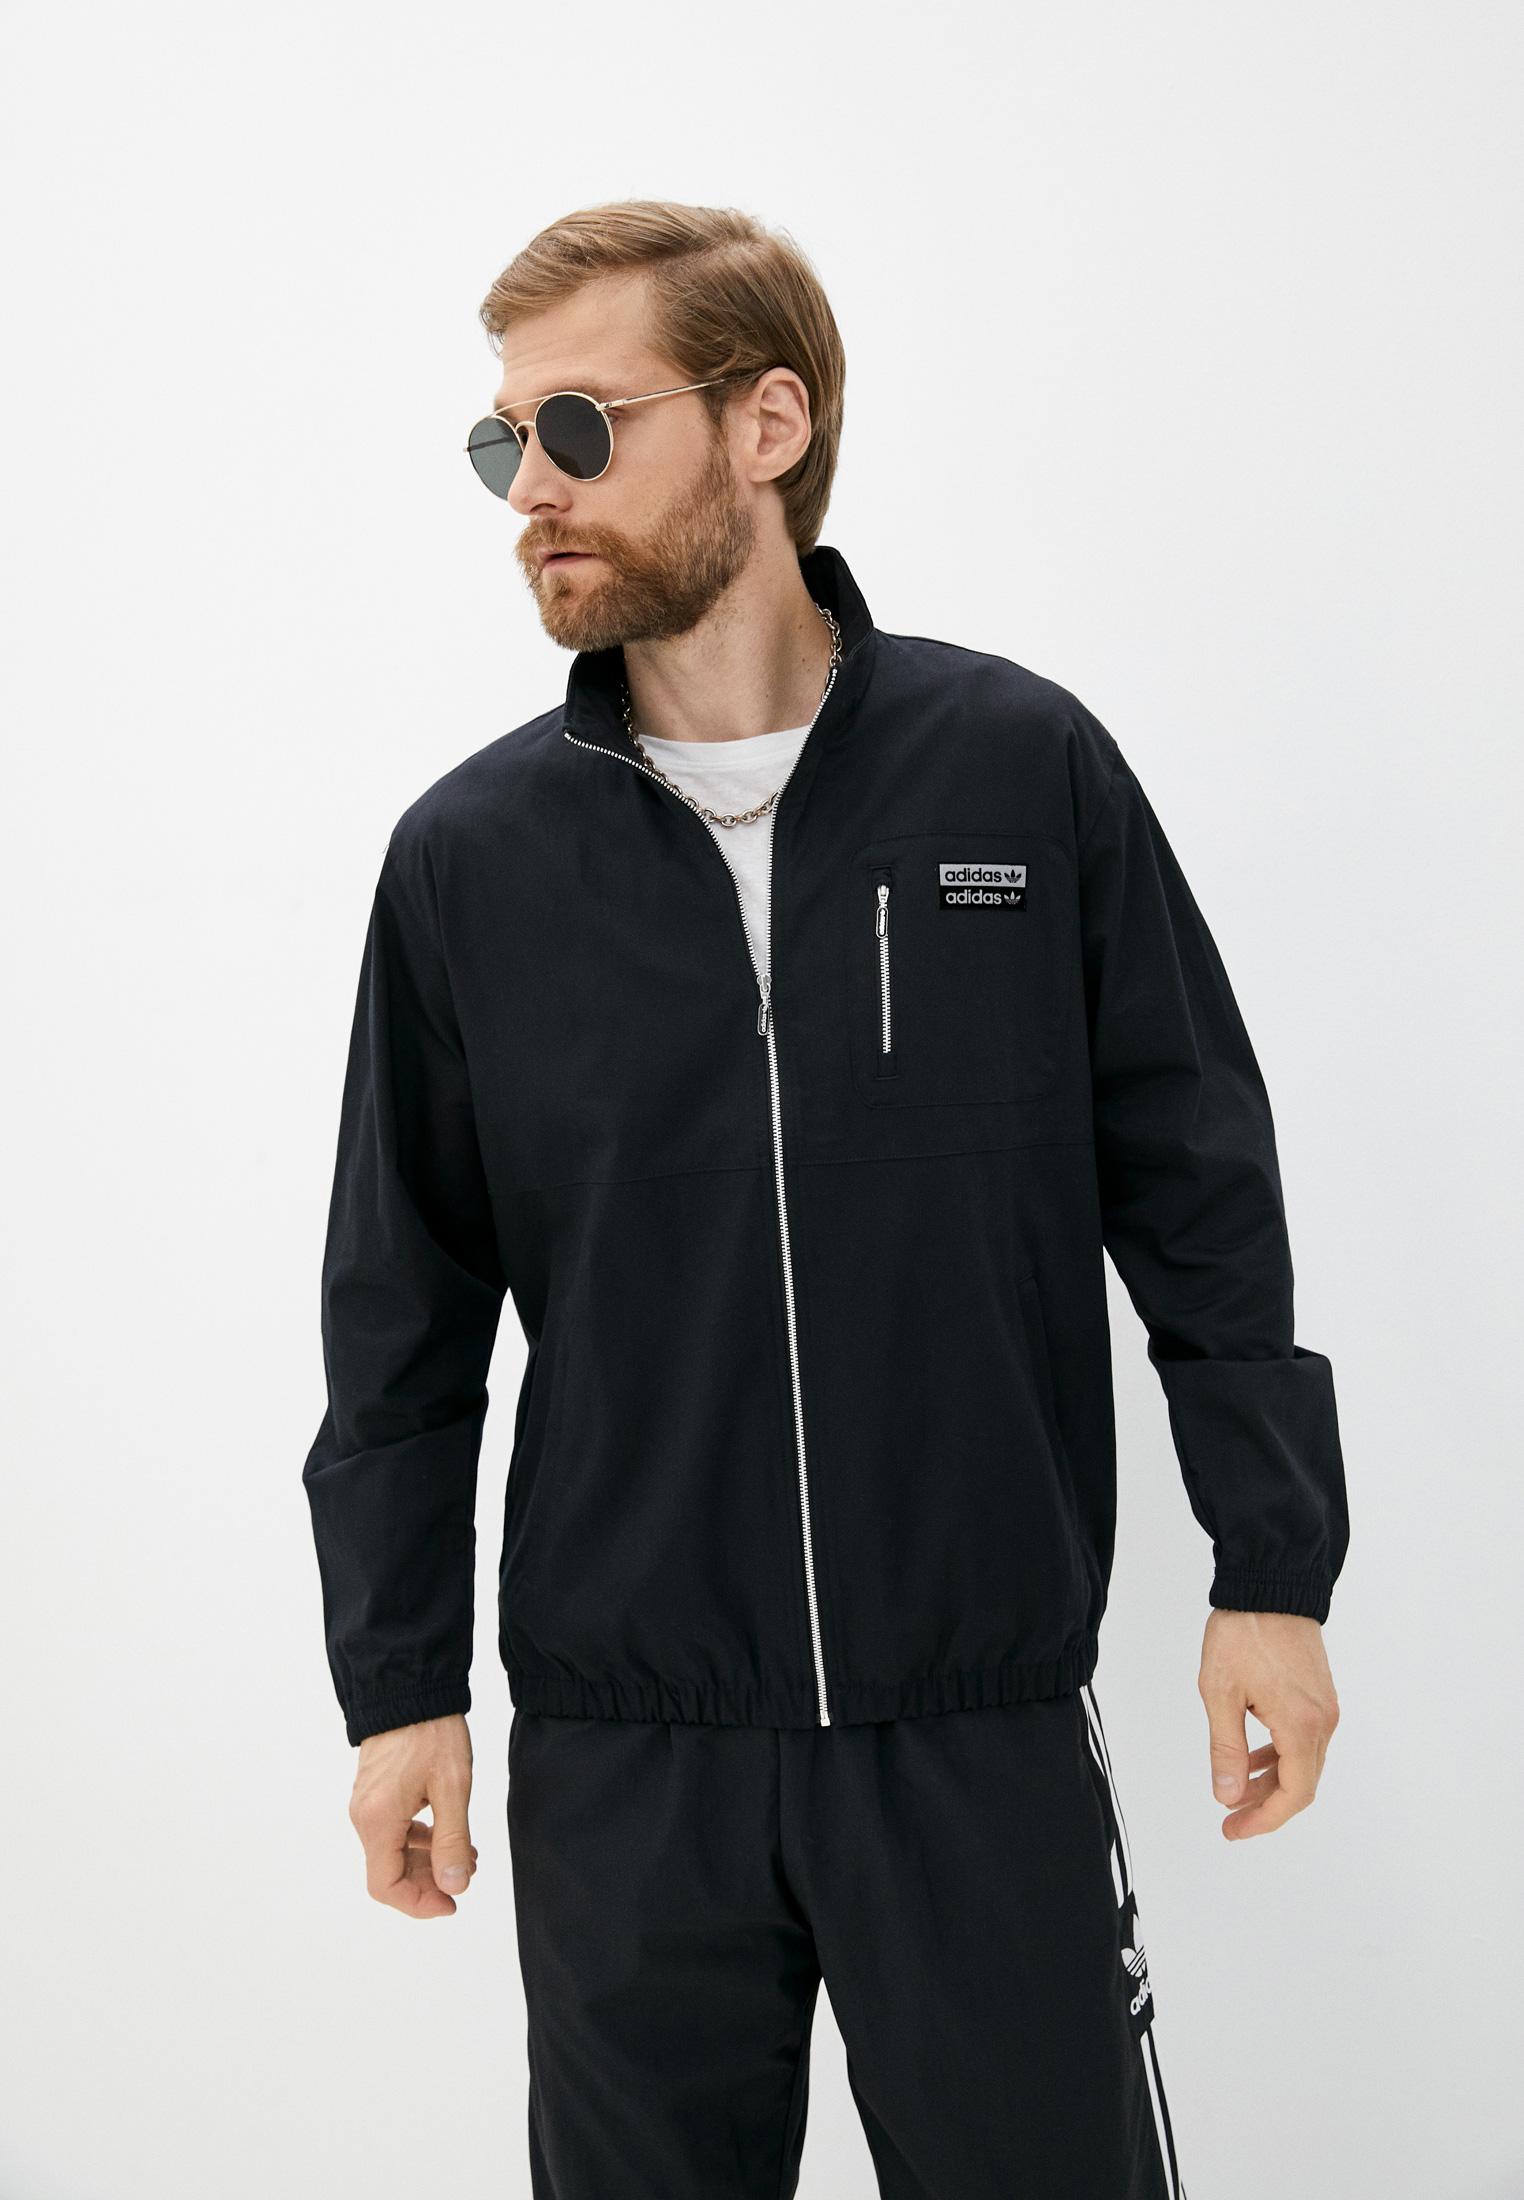 Мужская верхняя одежда Adidas Originals (Адидас Ориджиналс) Куртка adidas Originals